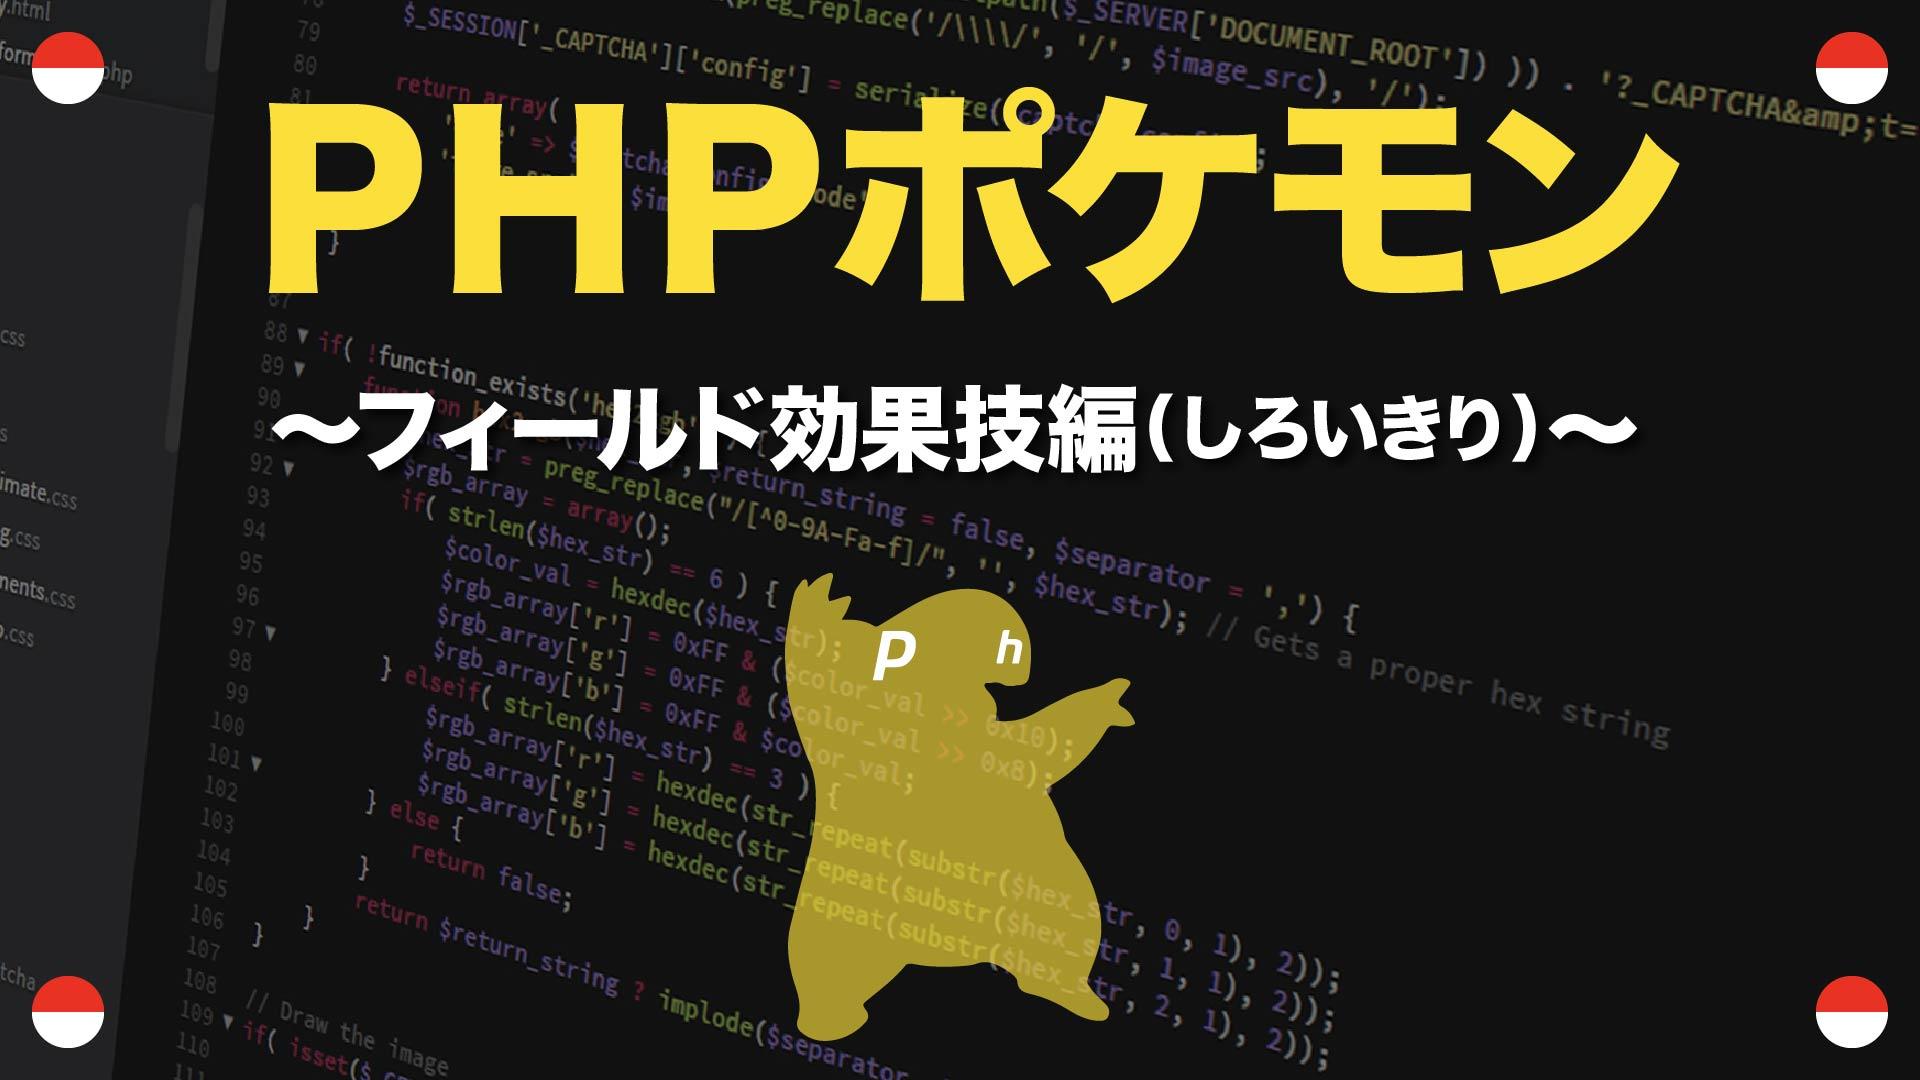 フィールド効果技編(しろいきり) PHPポケモン 50